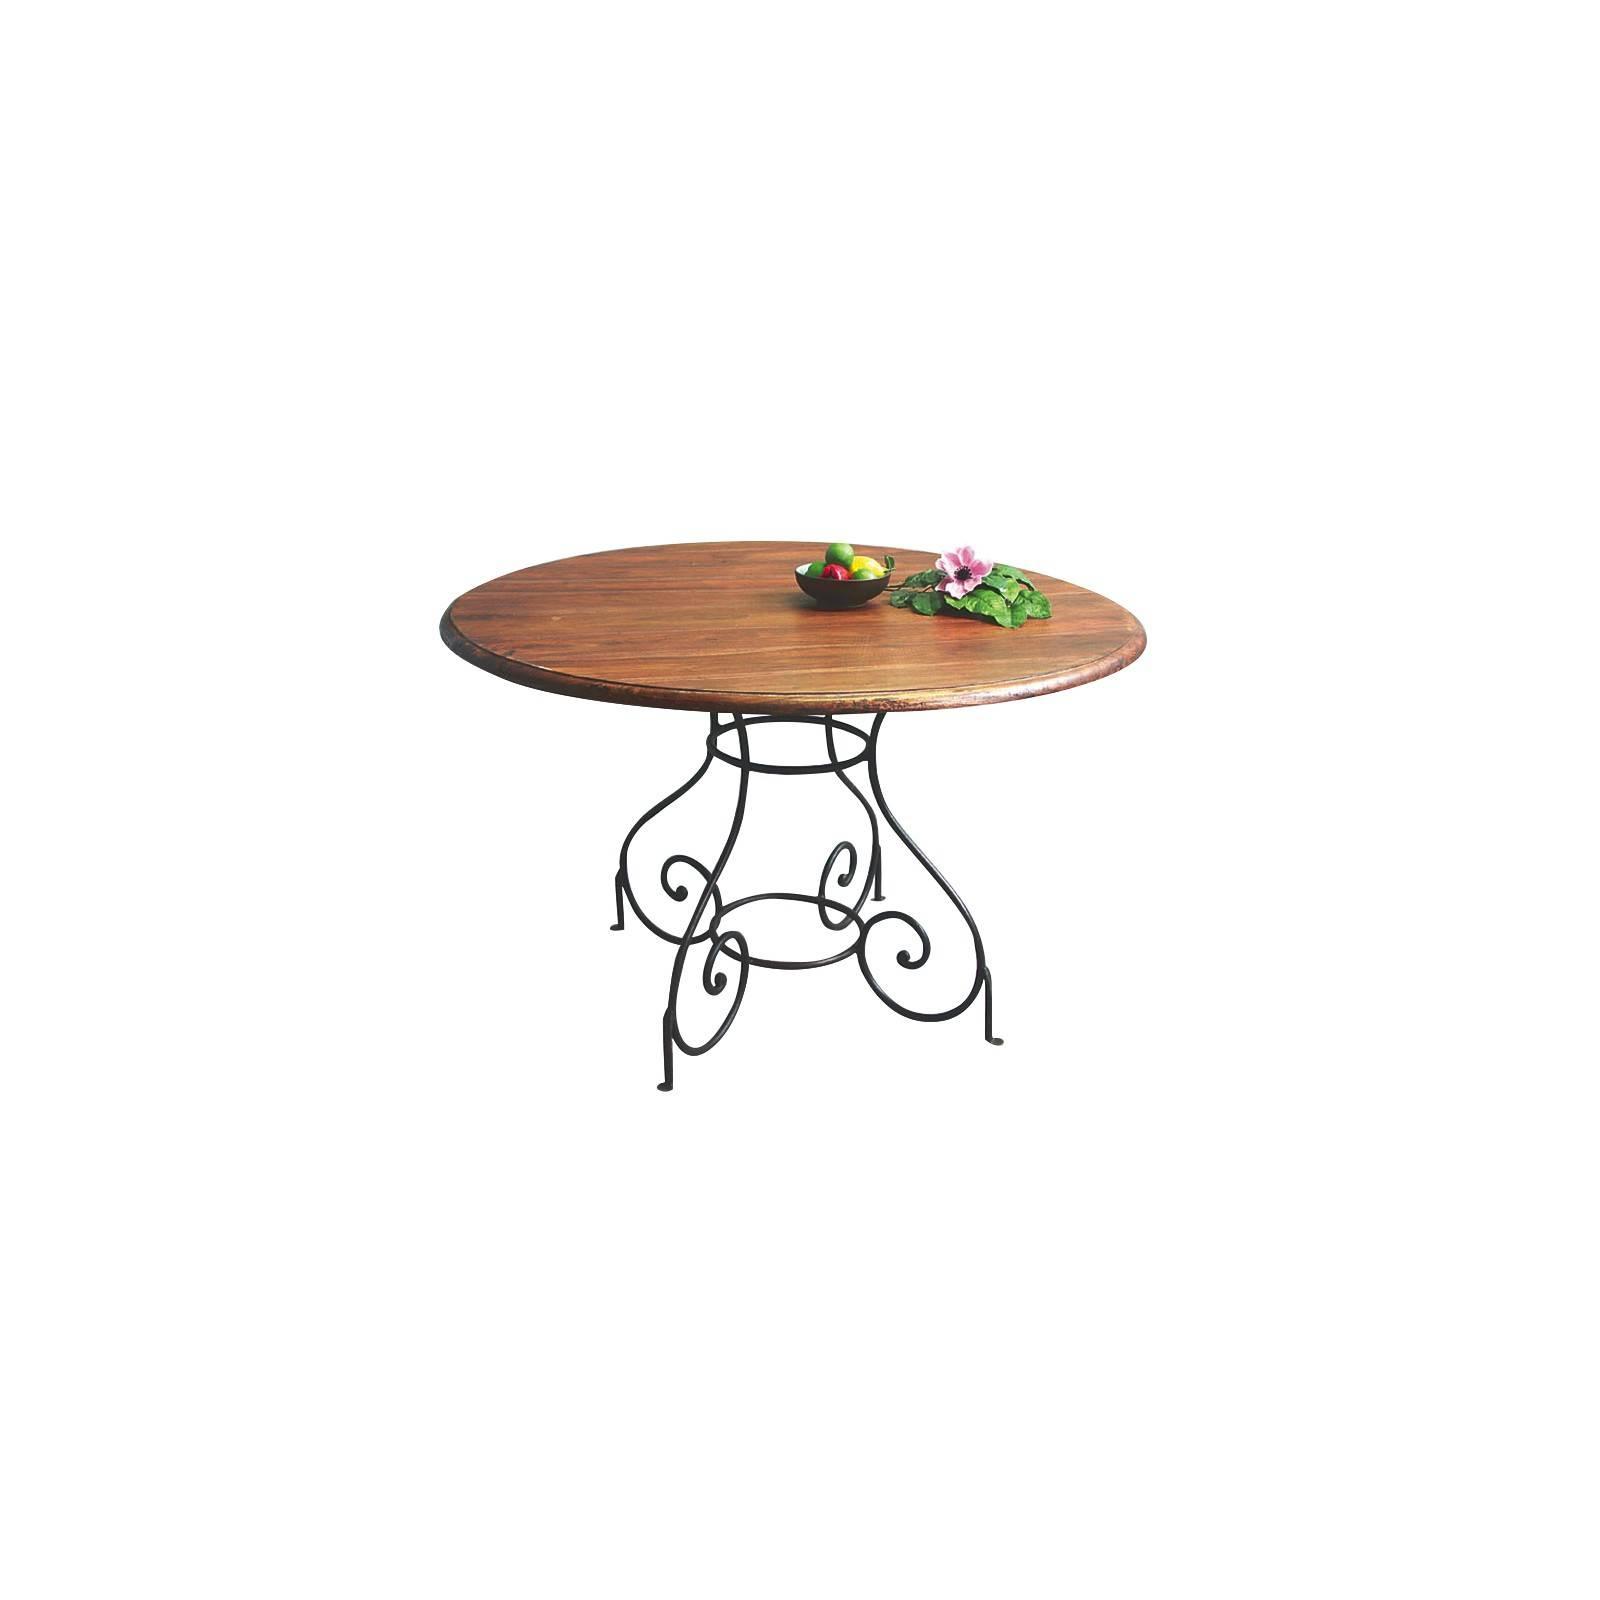 Table de salle en fer forgé et palissandre. mobilier romantique